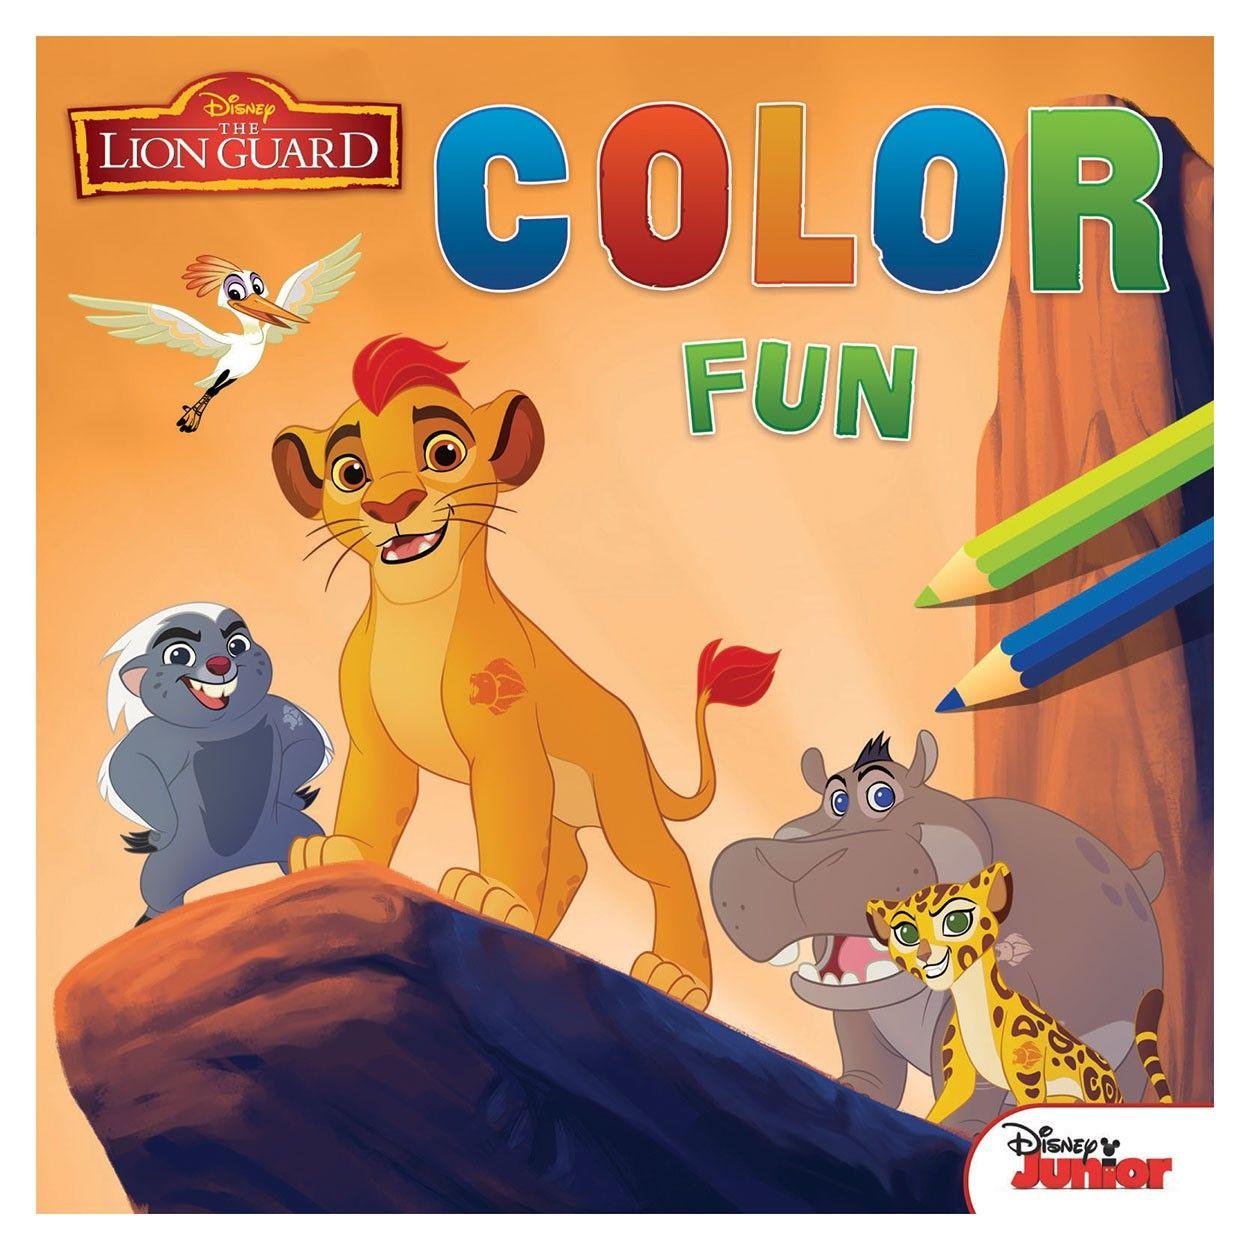 Kleur Kion Bunga Fuli Makuu En Alle Andere Vrienden Van De Leeuwenwacht In De Kleurplaten Zijn Voorzien Van Een Kleurvoorbeeld Inhoud Disney Lion Kleuren